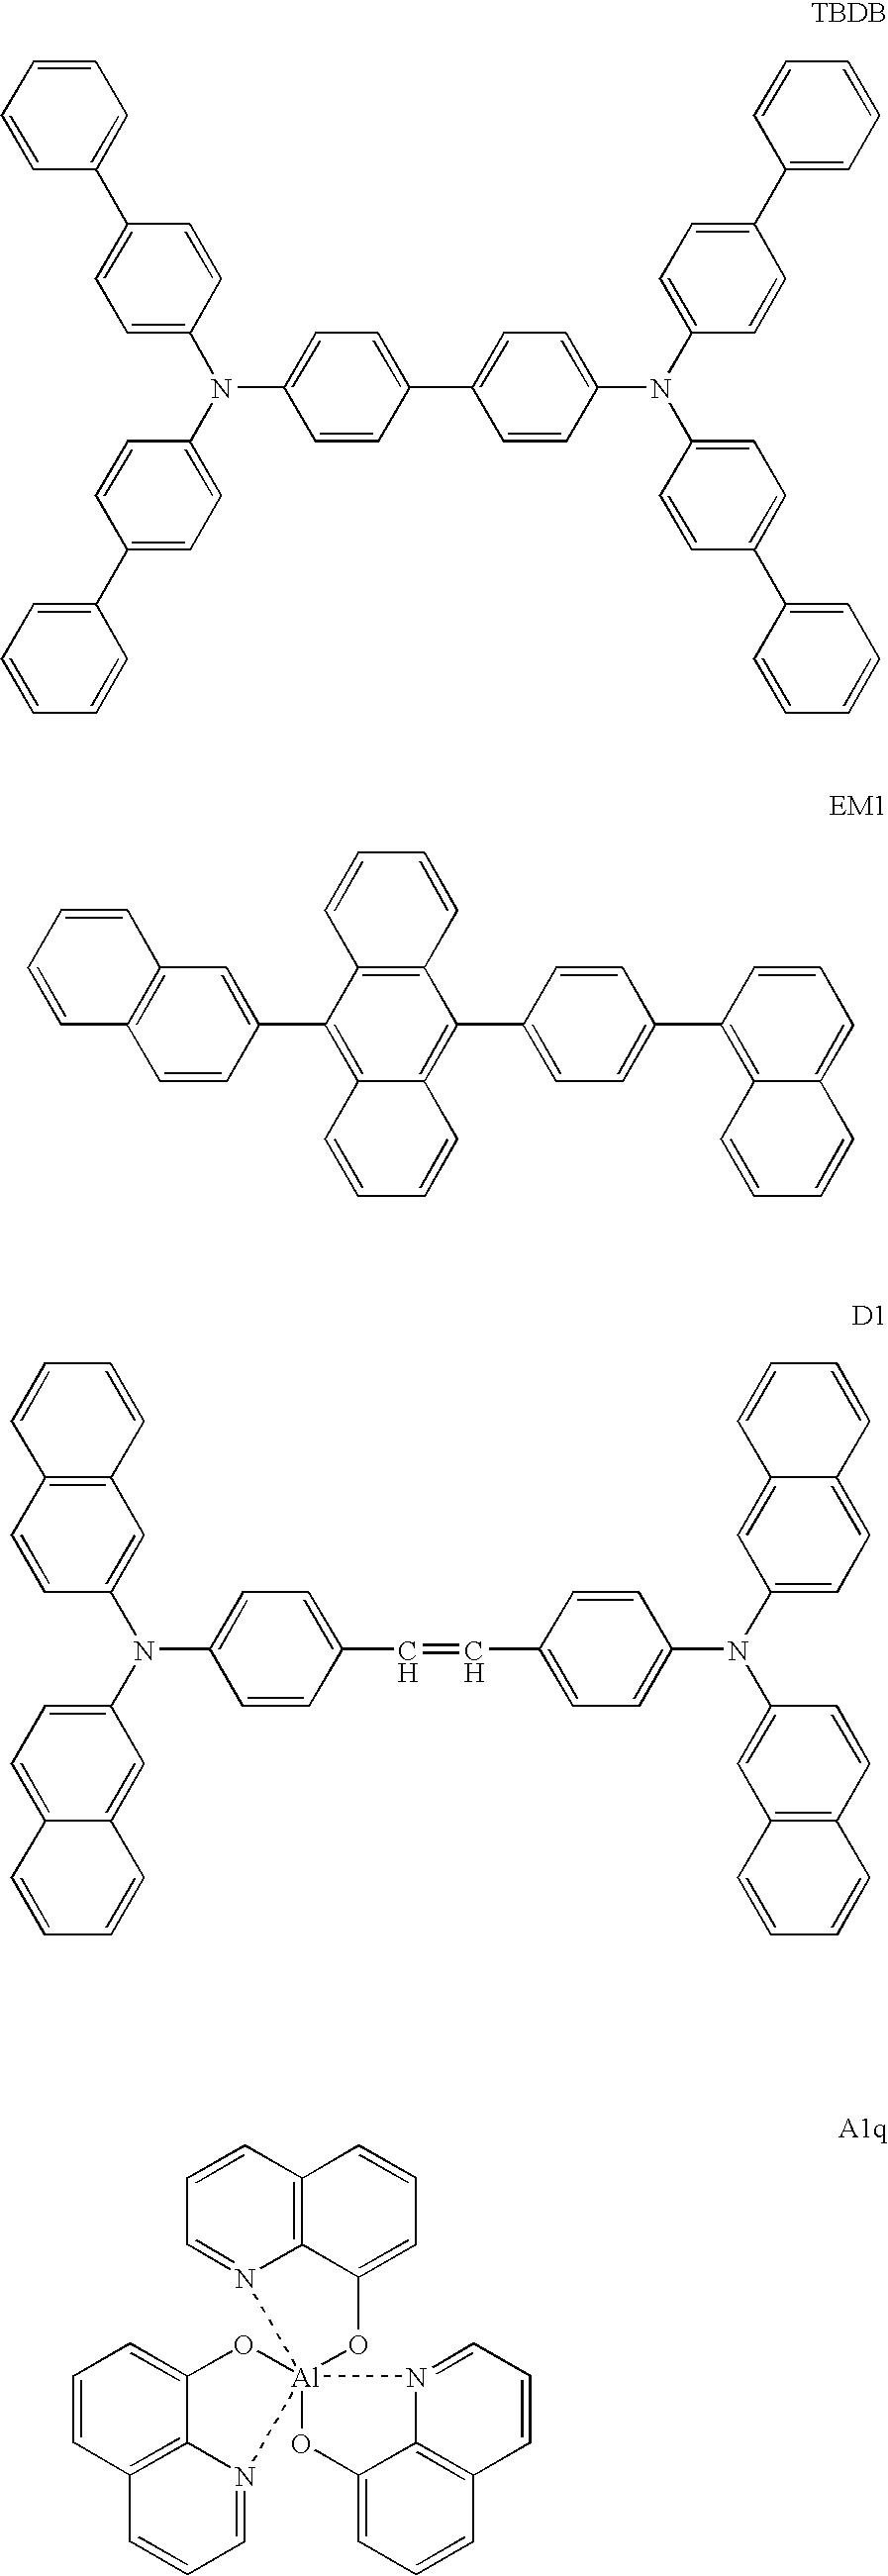 Figure US20090066235A1-20090312-C00100